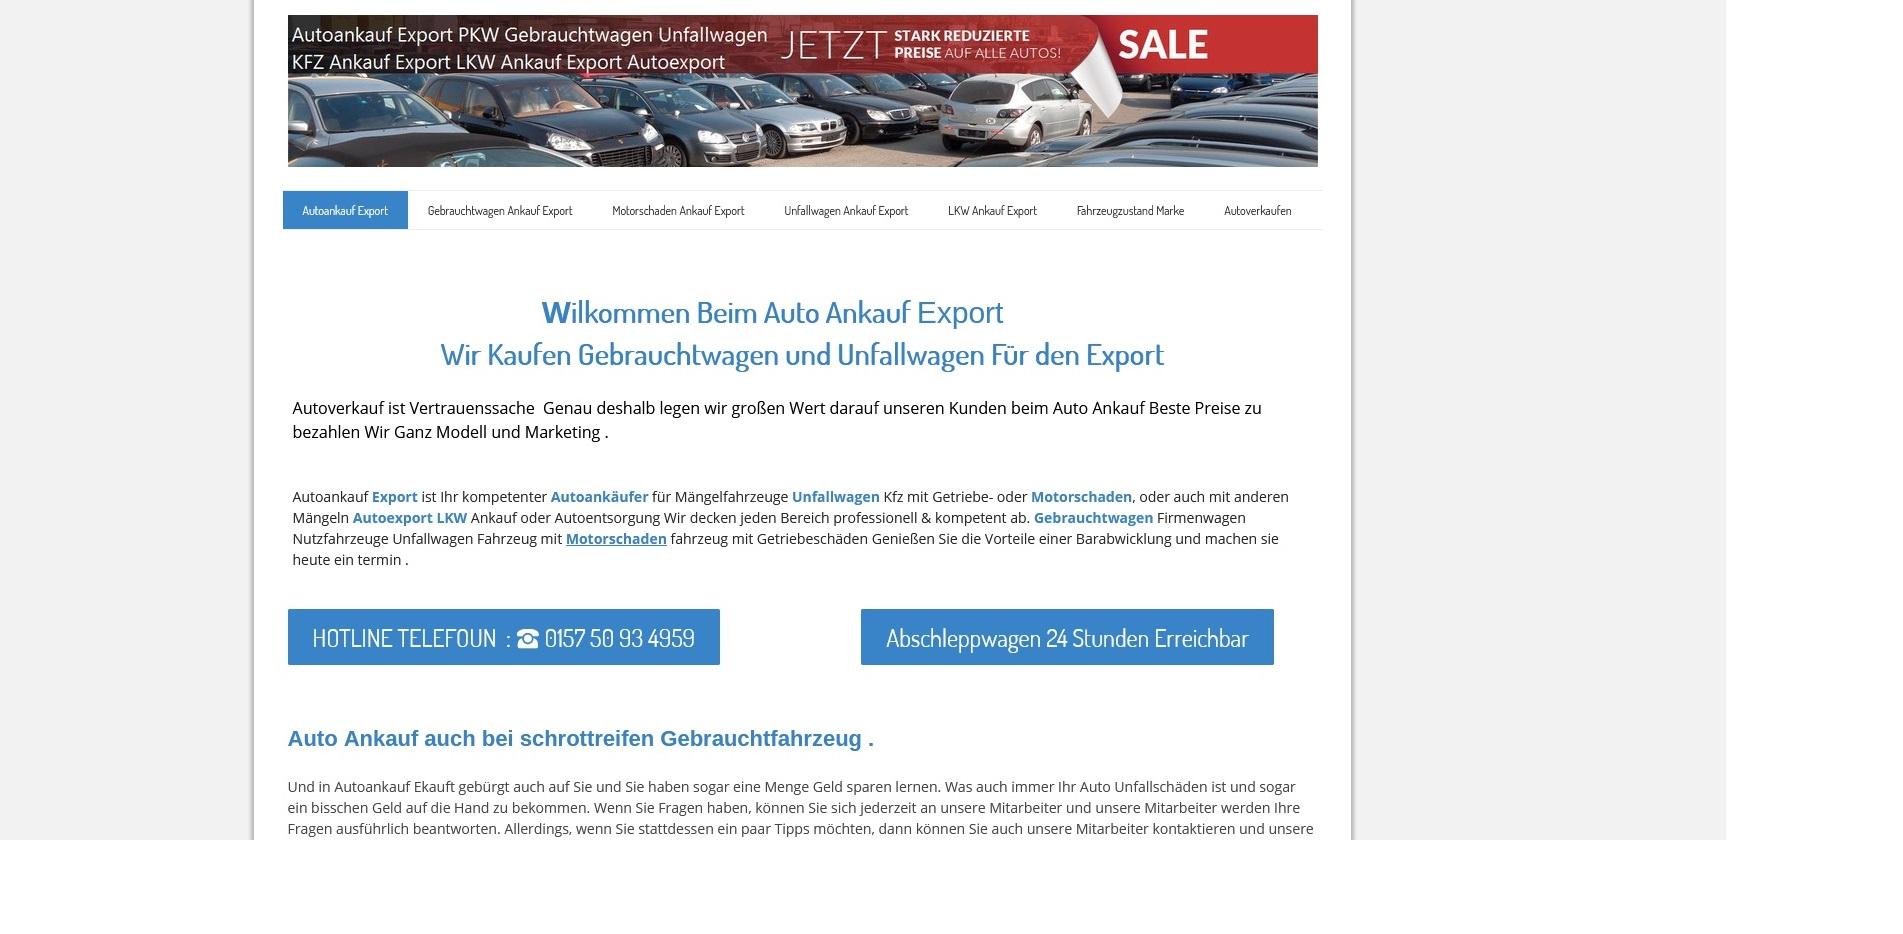 bundesweiter autoankauf aller gebrauchten autos bei autoankauf nordhorn - Bundesweiter Autoankauf aller gebrauchten Autos bei Autoankauf Nordhorn